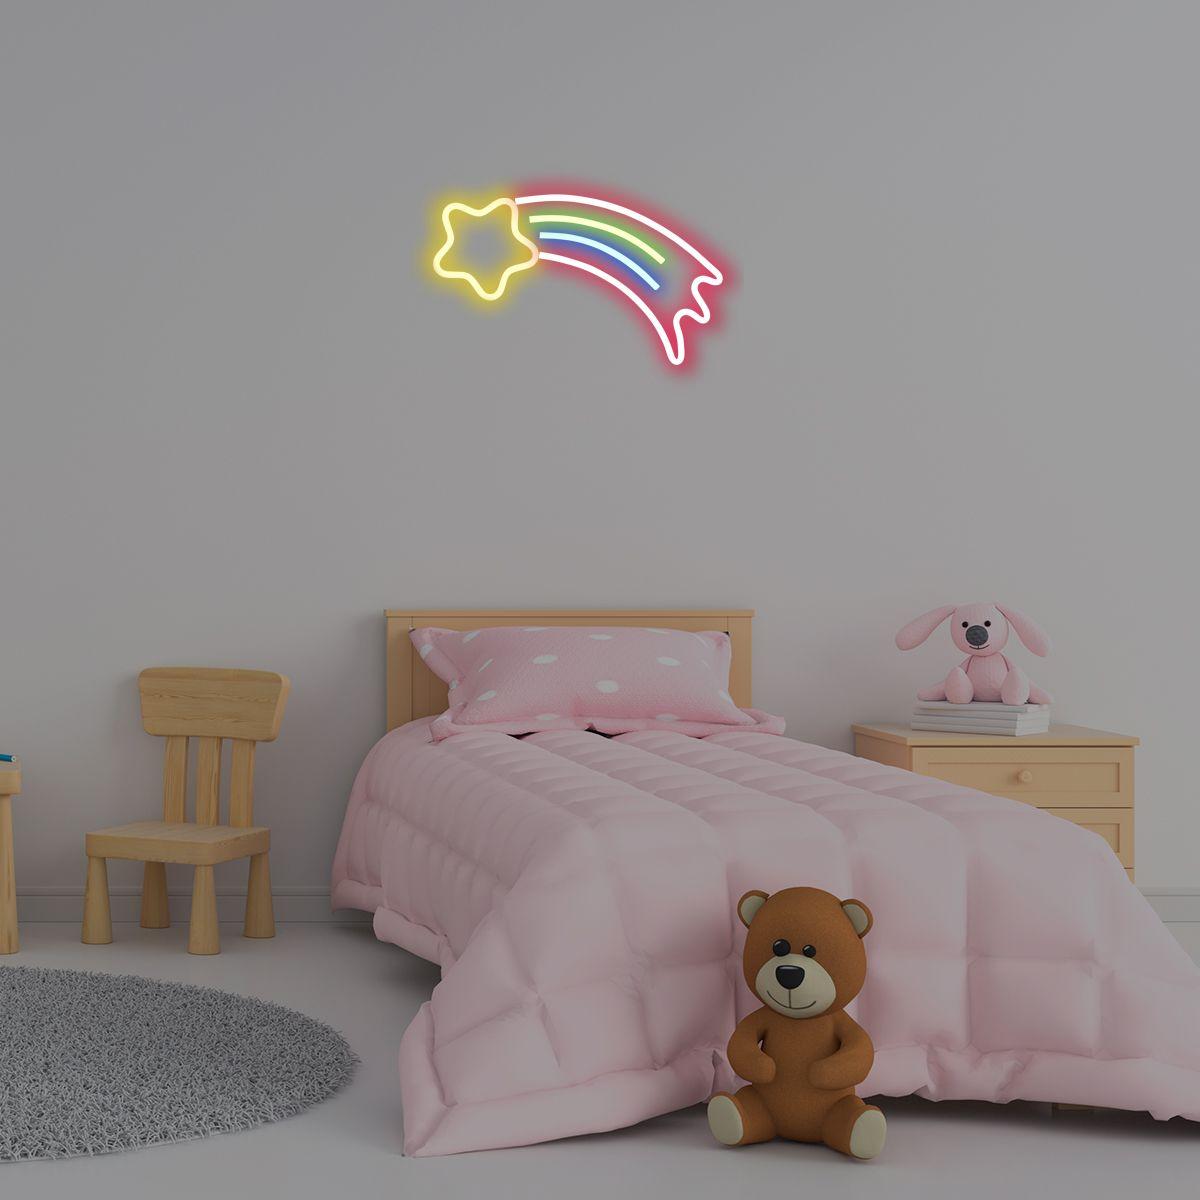 טרנד הניאון כאן כדי להישאר – והוא מגיע לחדר התינוקות!